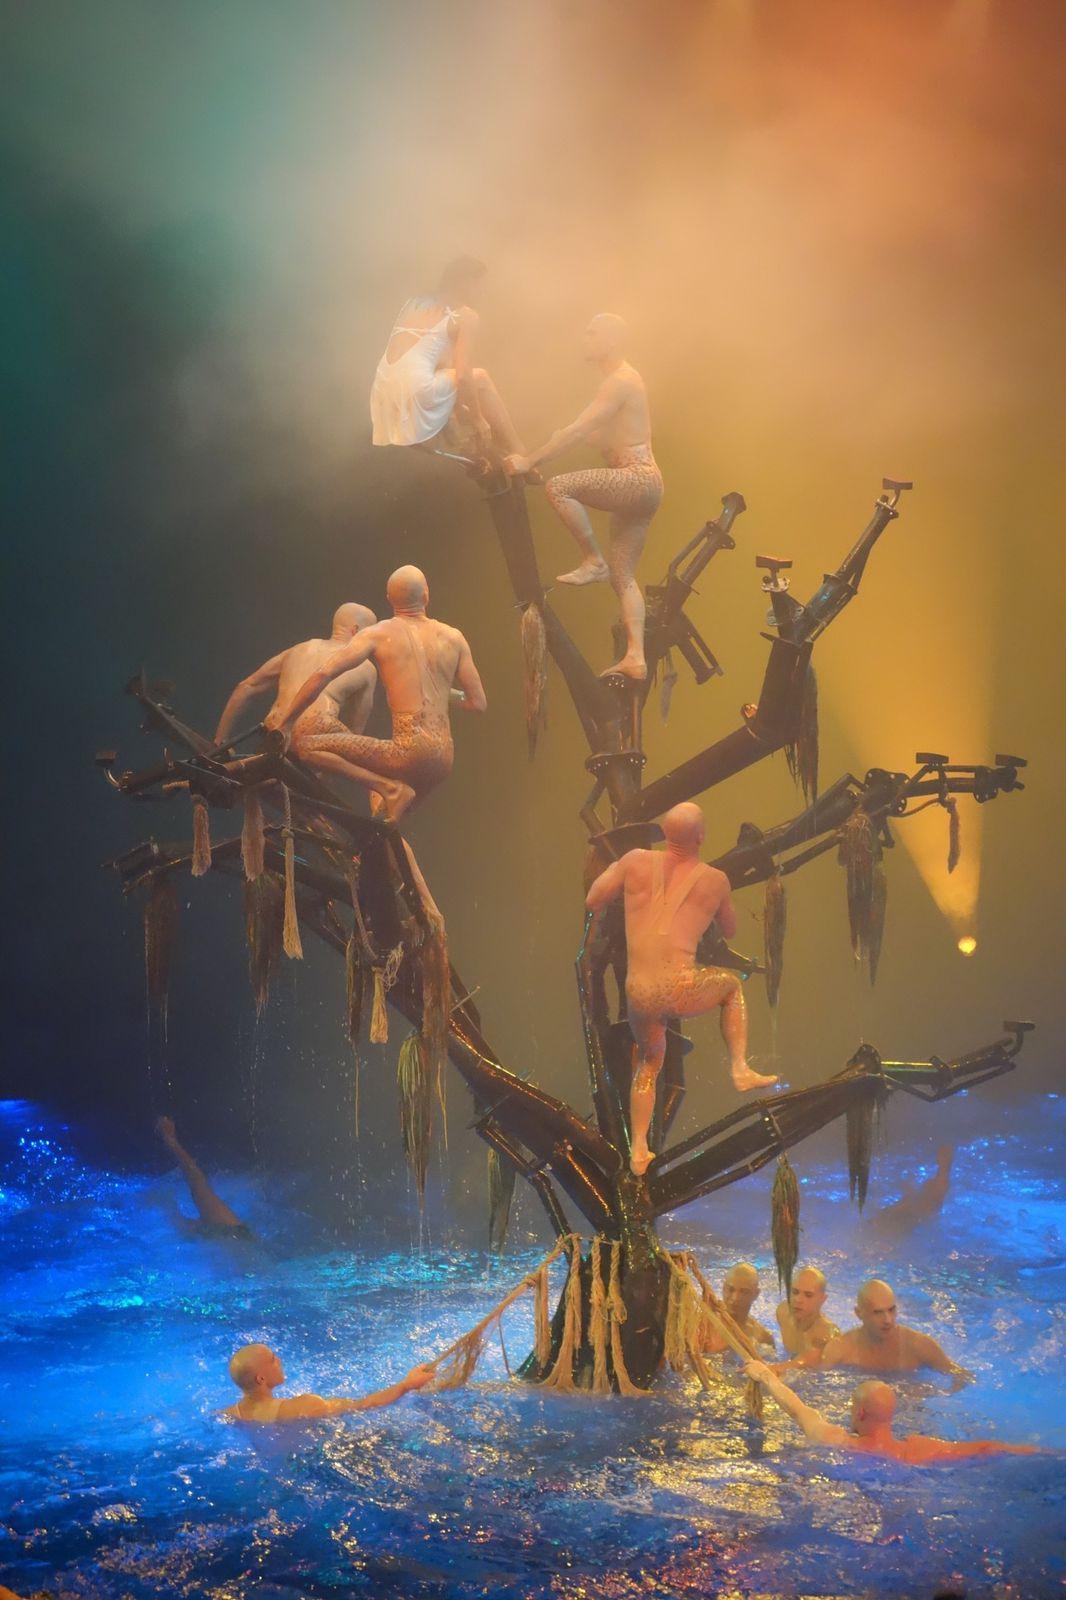 Las Vegas shows (Absinthe, Rêve, Mystère)